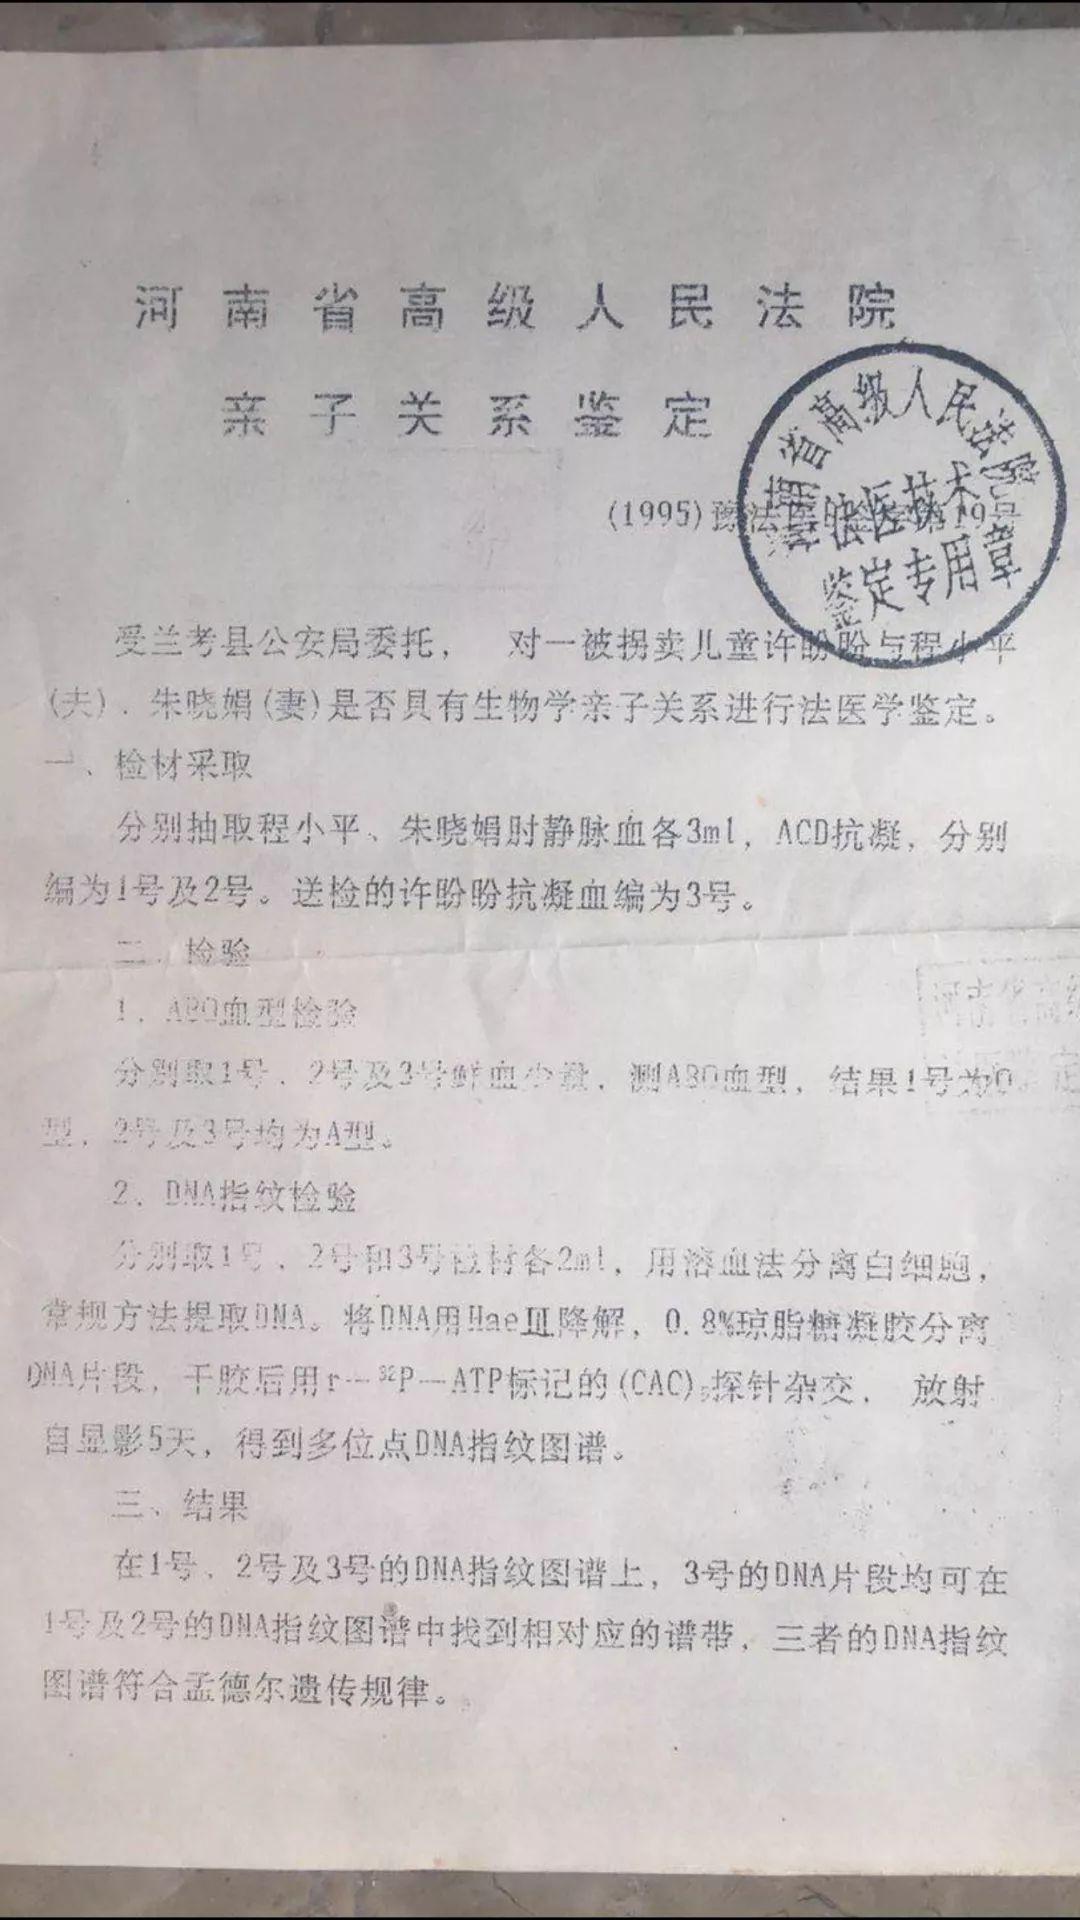 http://www.ncchanghong.com/nanchongxinwen/10054.html